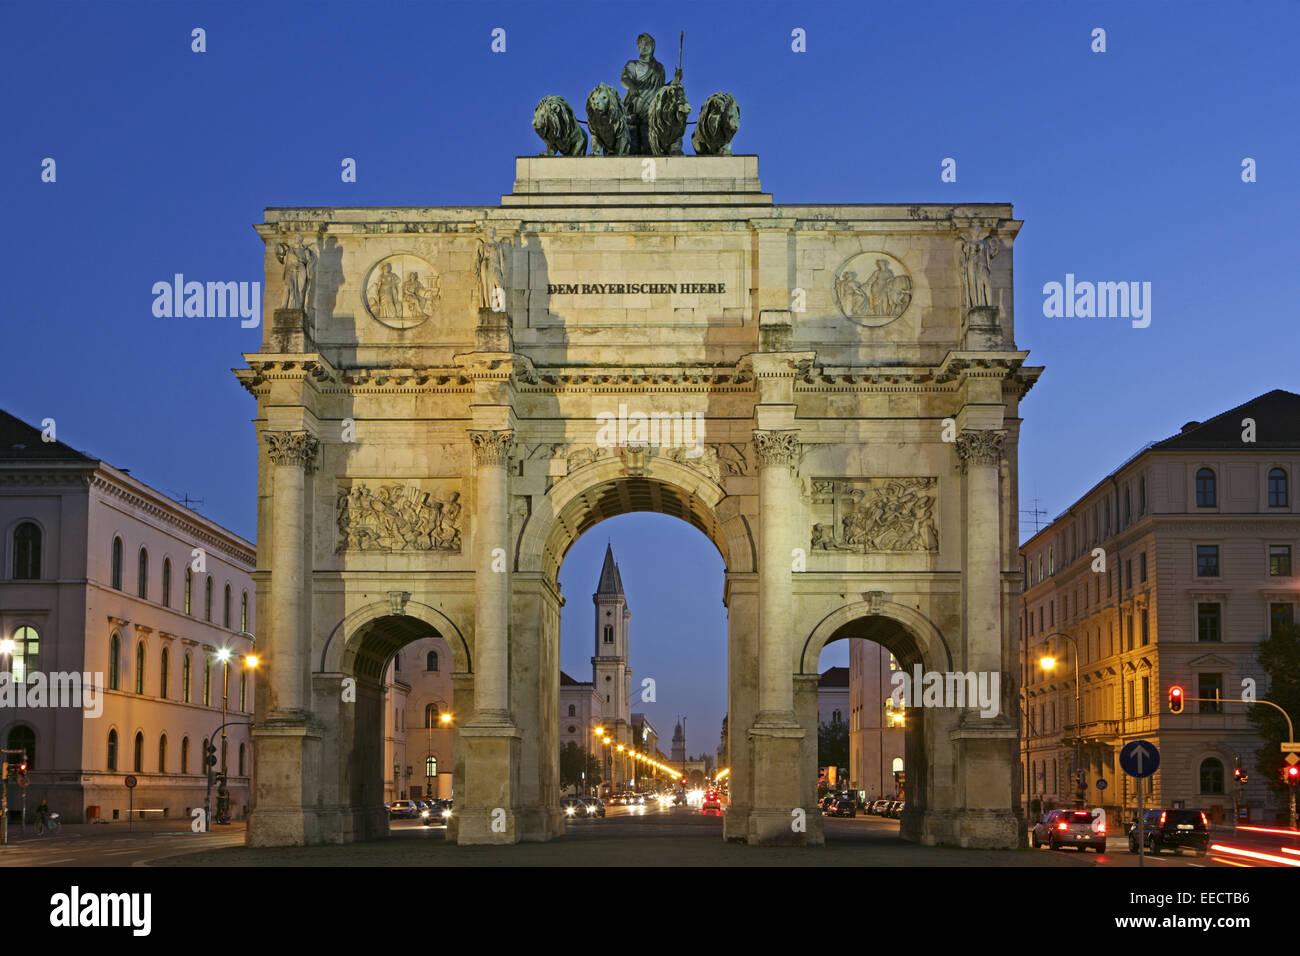 Architektur, Bauwerk, Bauwerke, Bayern, Boegen, Bogen, Bögen, Deutschland, Gebaeude, Gebäude, Muenchen, München, Stock Photo